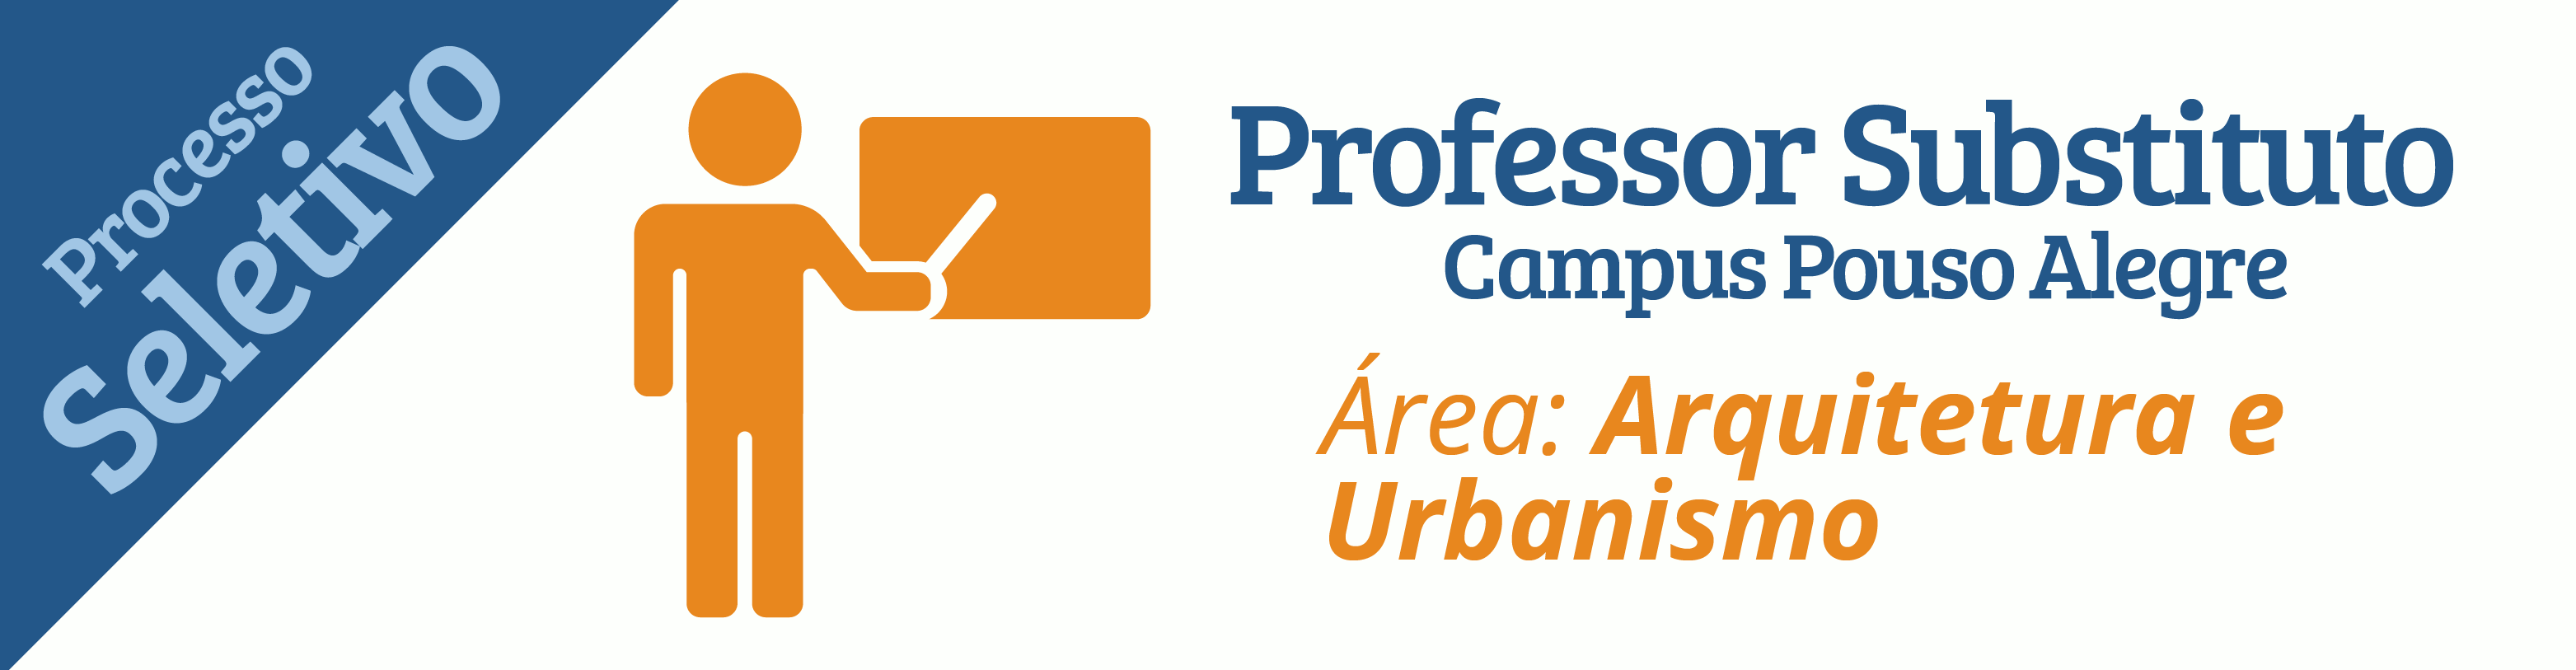 IFSULDEMINAS abre seleção para contratar professor substituto na área de Arquitetura e Urbanismo